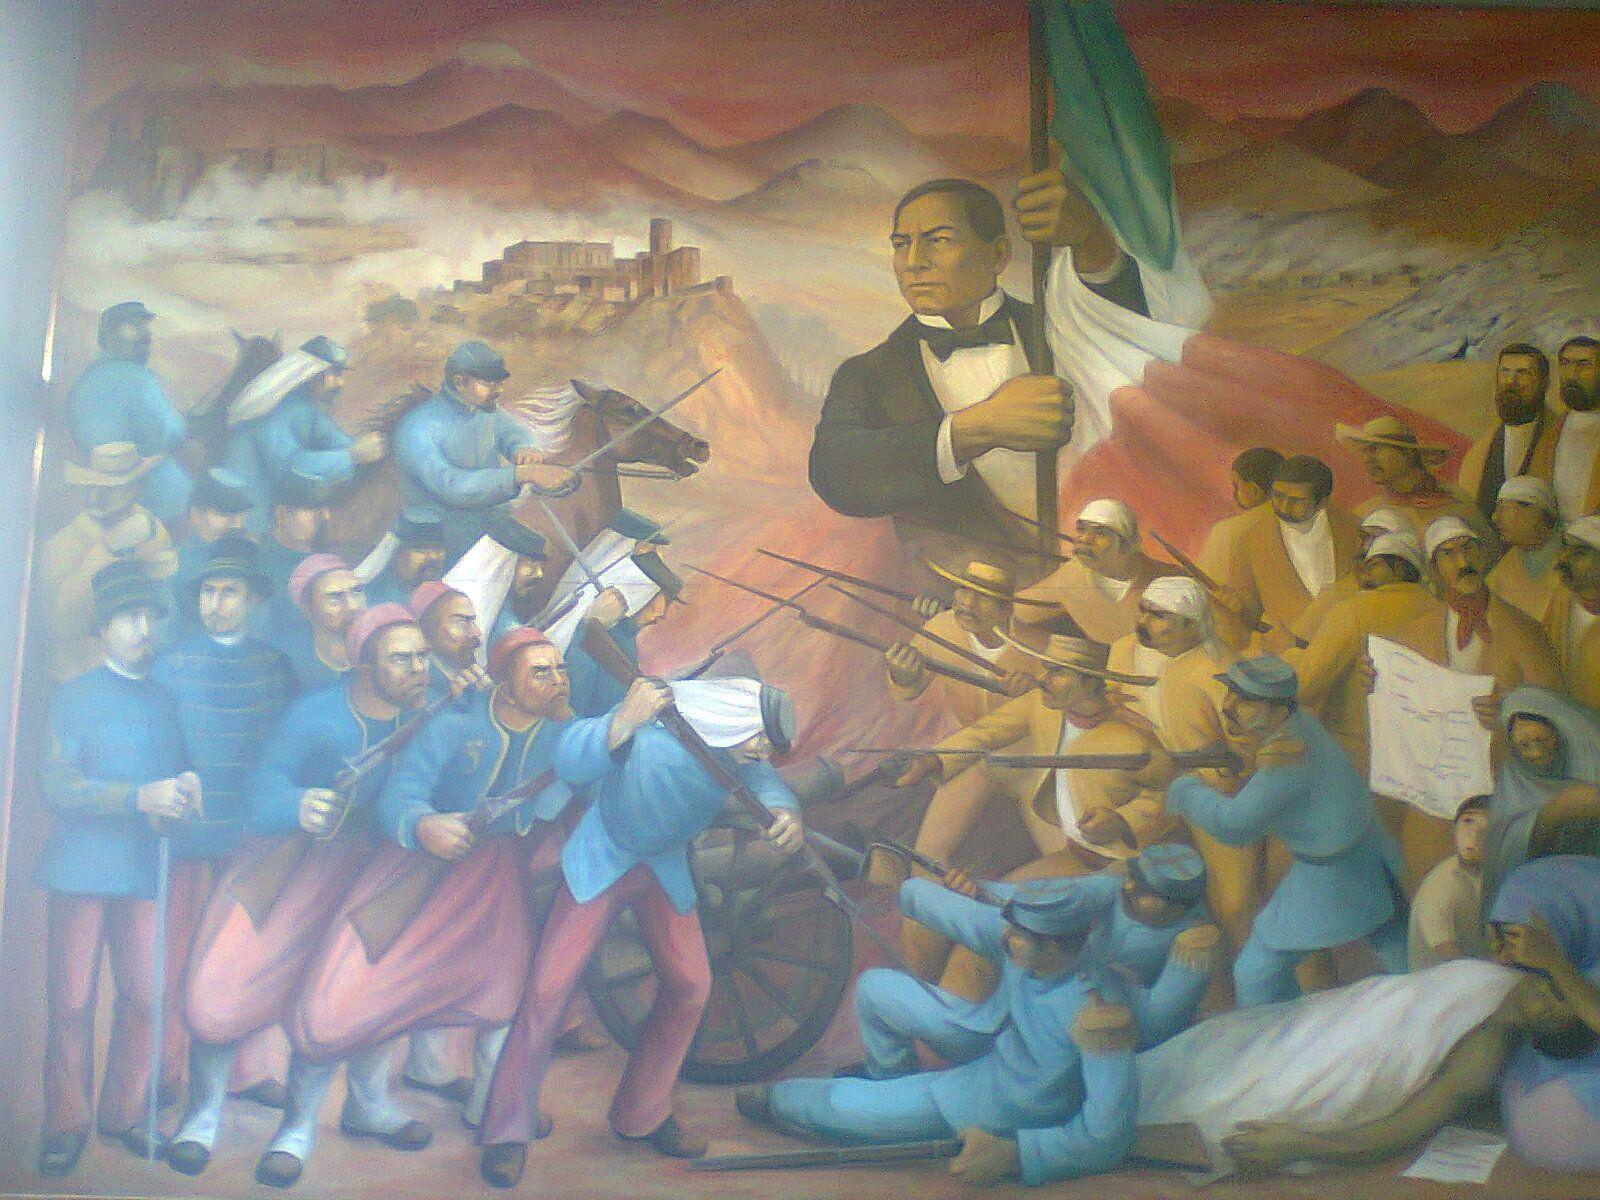 Mural de benito ju rez adentro del castillo castillo de for Benito juarez mural